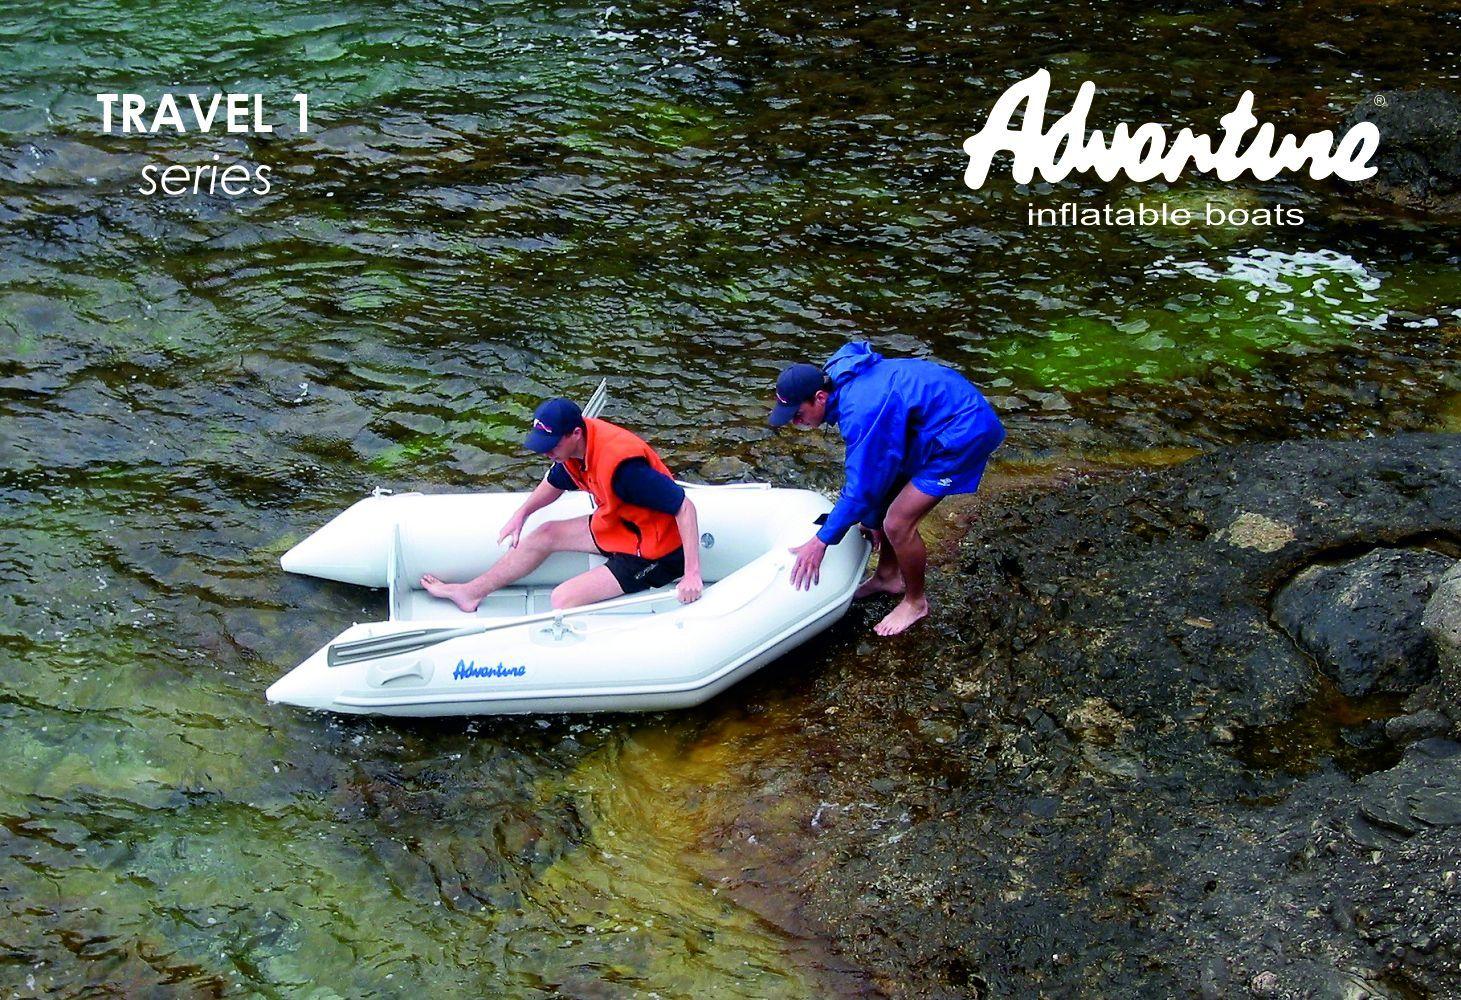 Надувная лодка Adventure Travel T-200 - фото 3